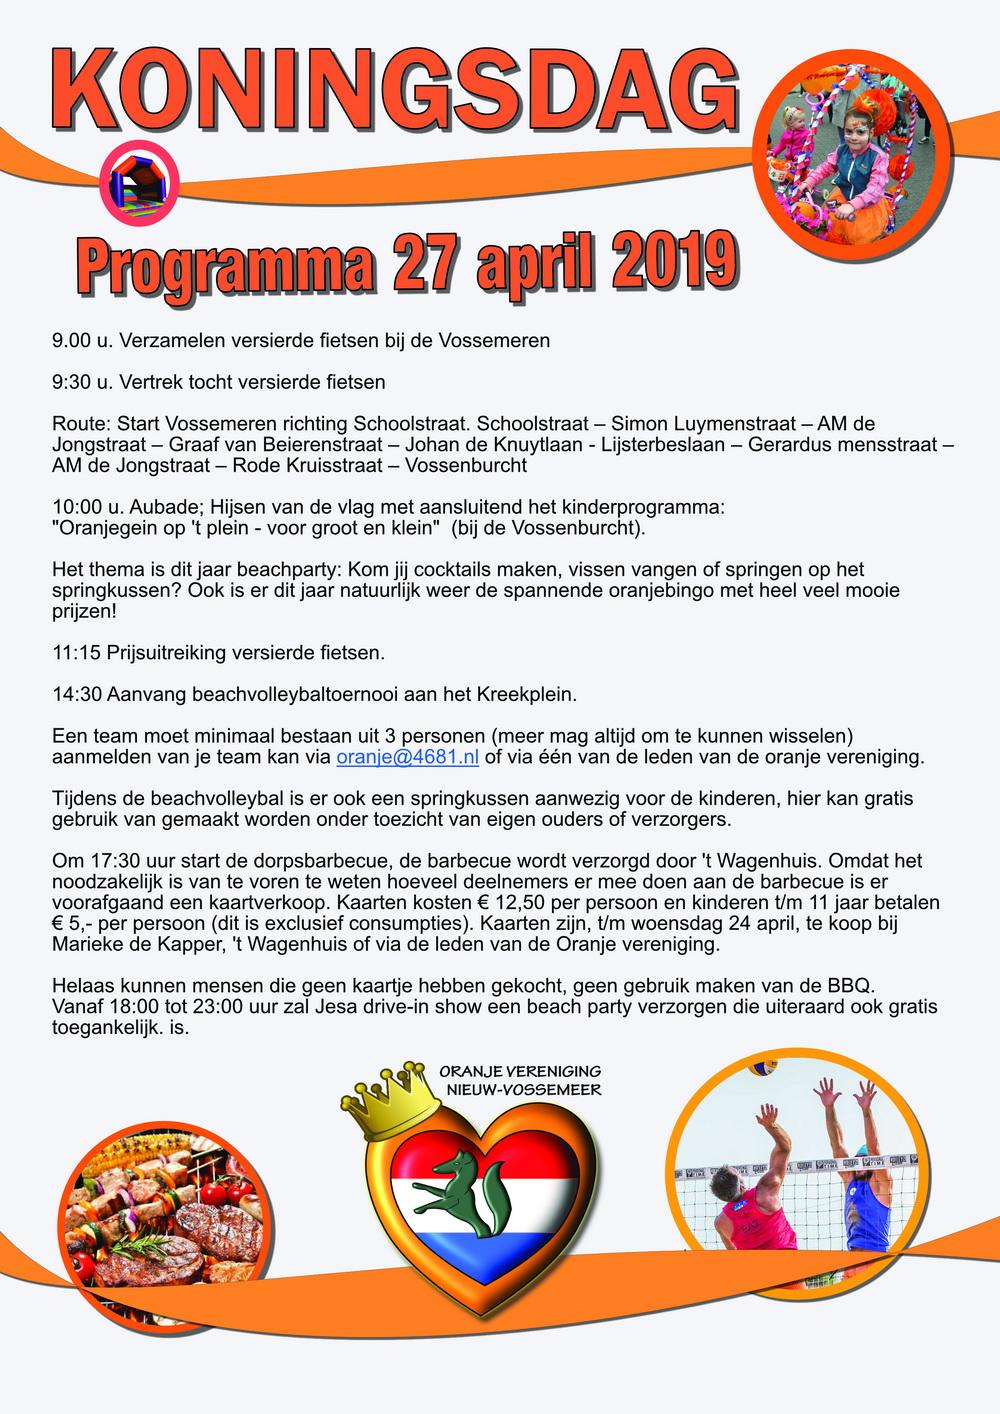 koningsdag 2019 nieuw vossemeer programma